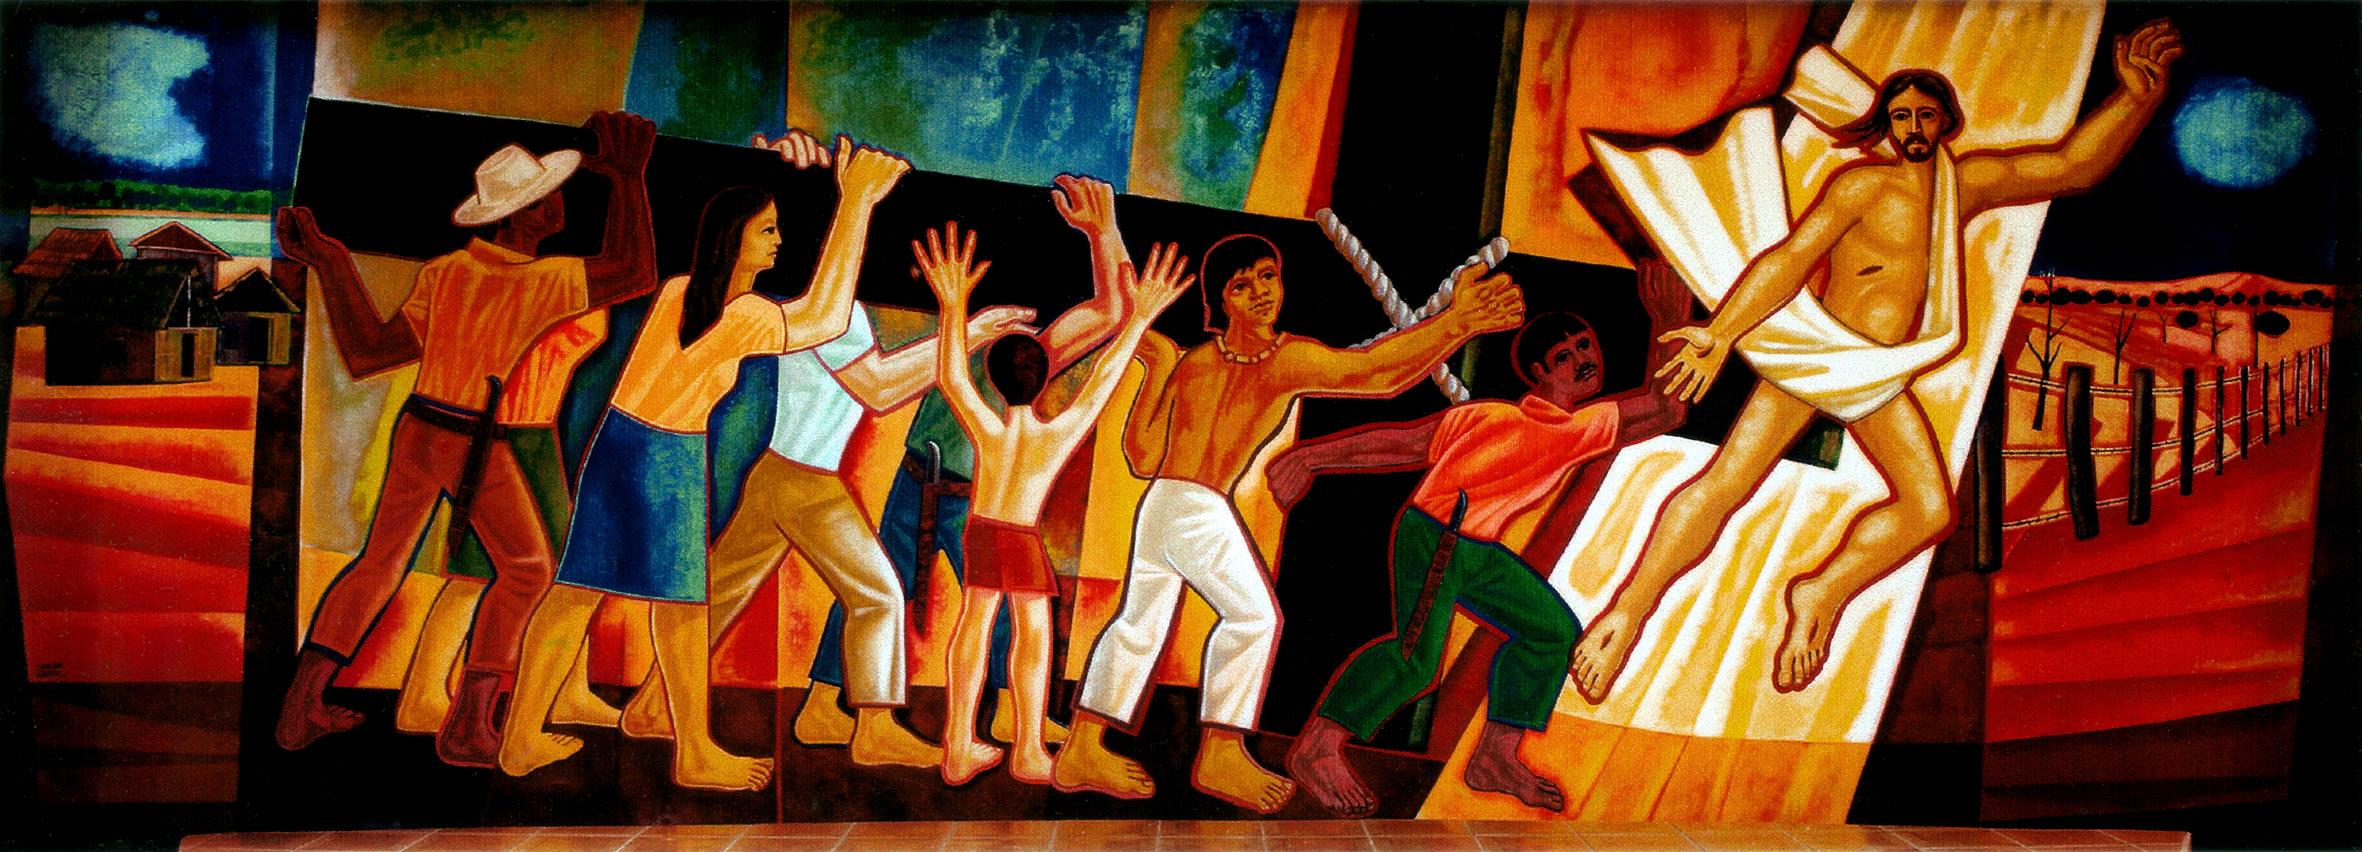 Mural de Cerezo Barredo